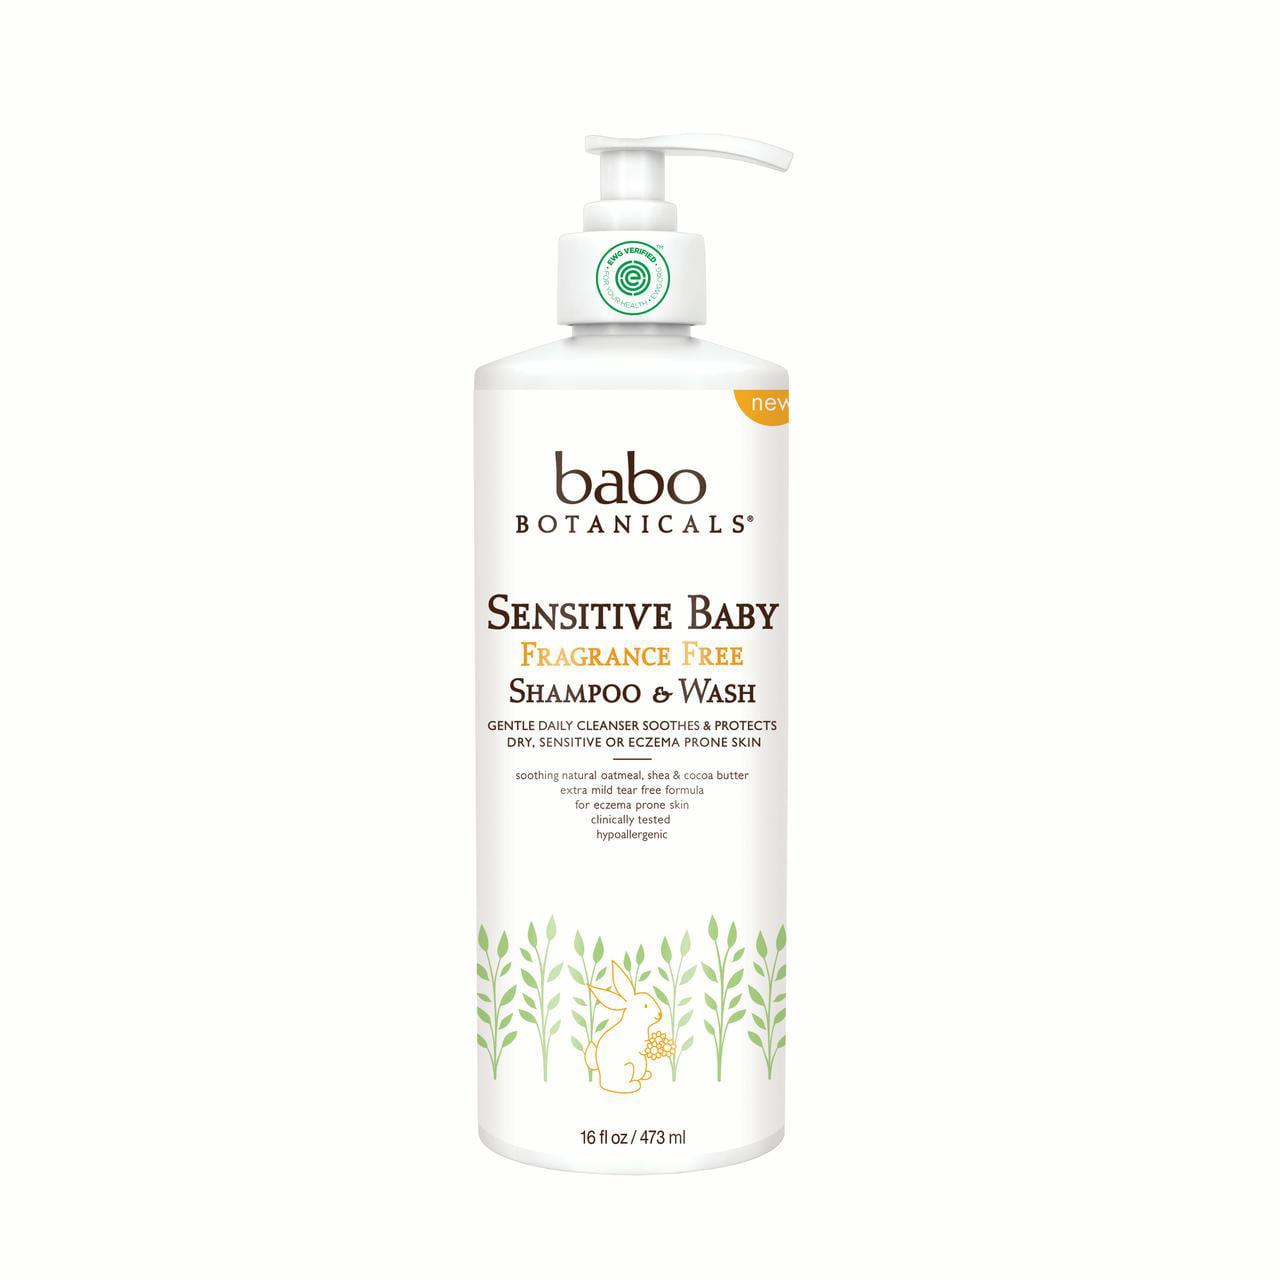 Sensitive Baby Fragrance Free Shampoo & Wash (Family Size) by Babo Botanicals